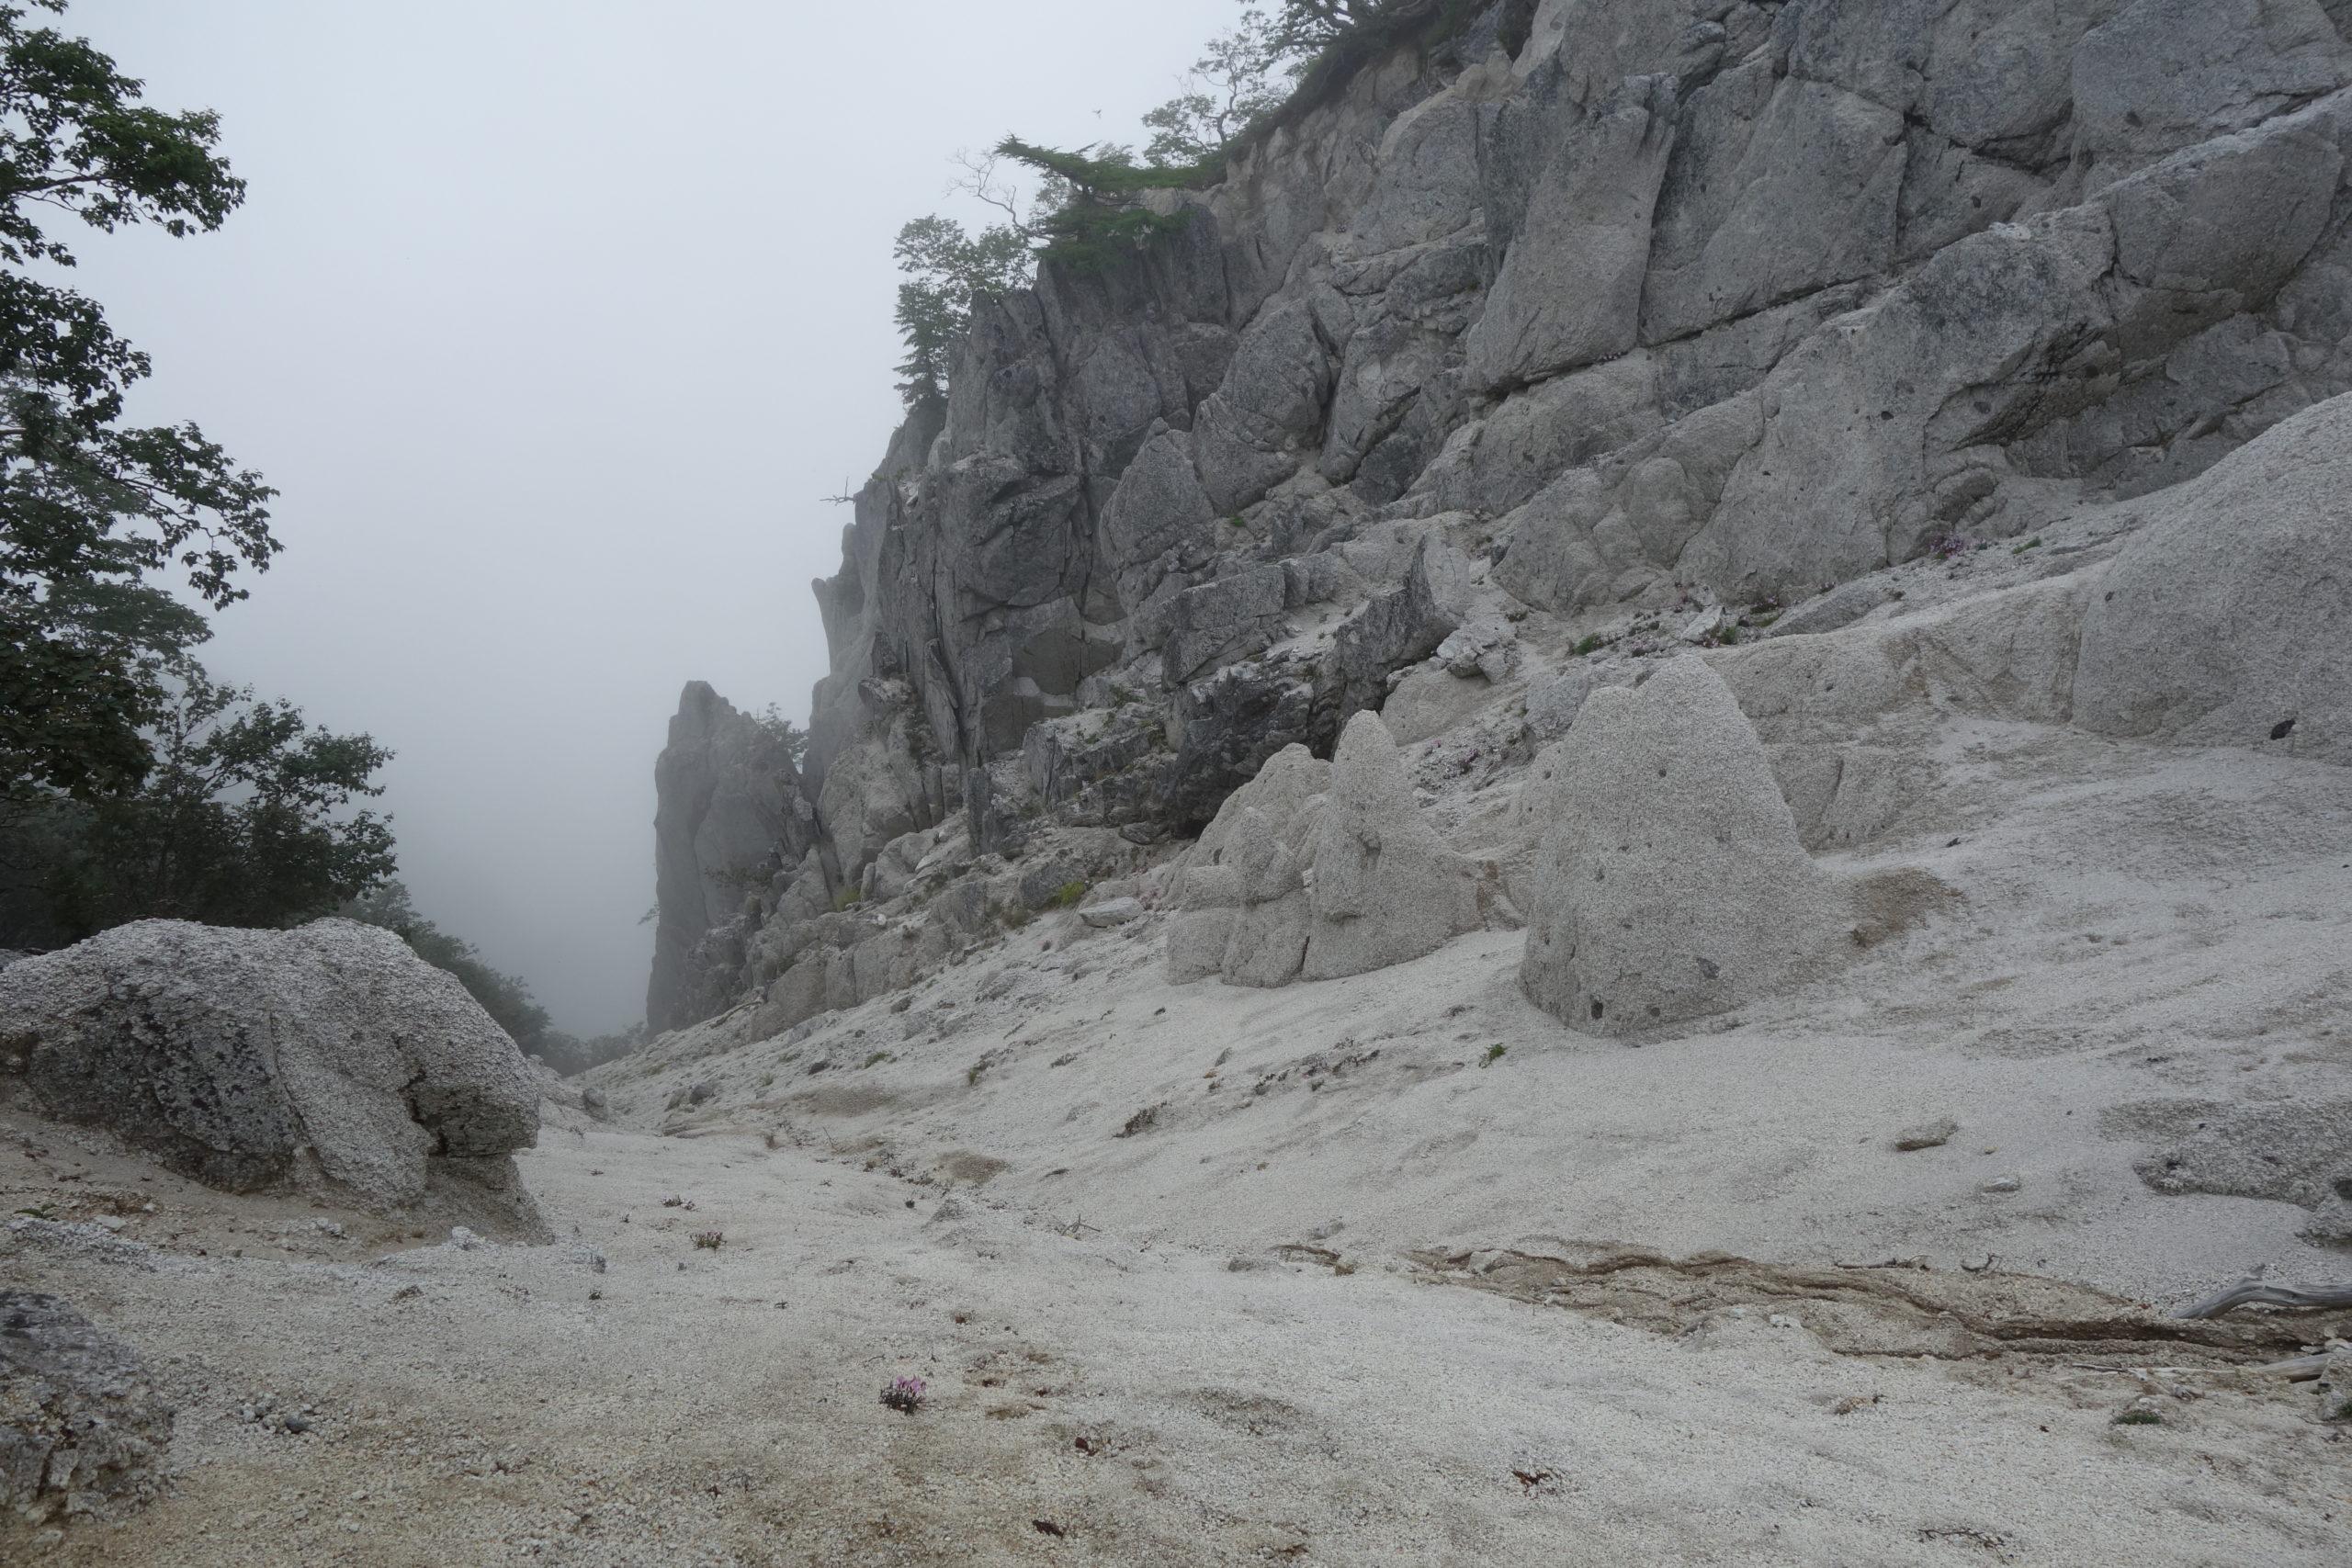 鳳凰三山地蔵岳 地蔵岳〜鳳凰小屋